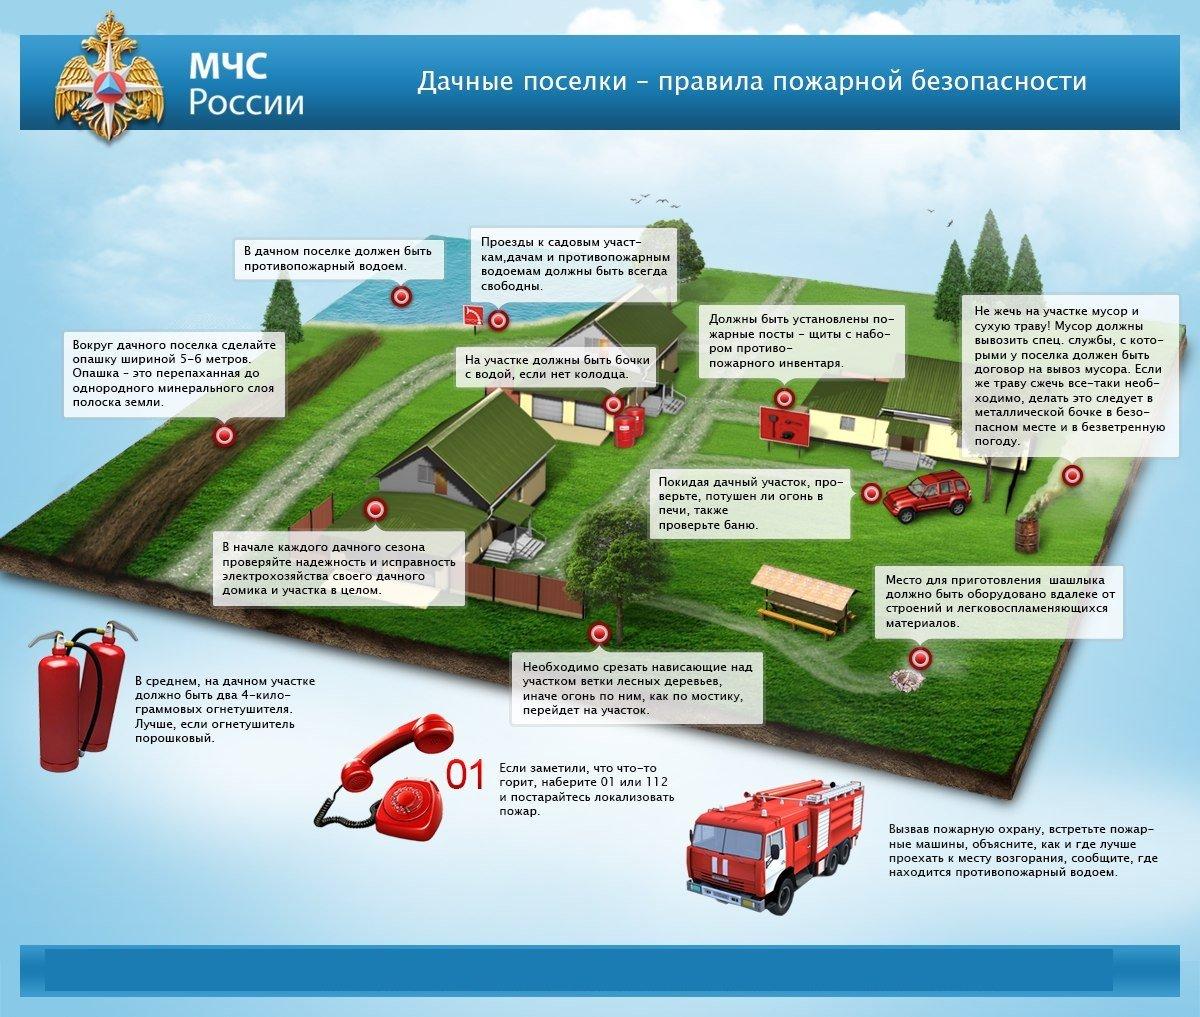 Пожарная безопасность на садовых участках